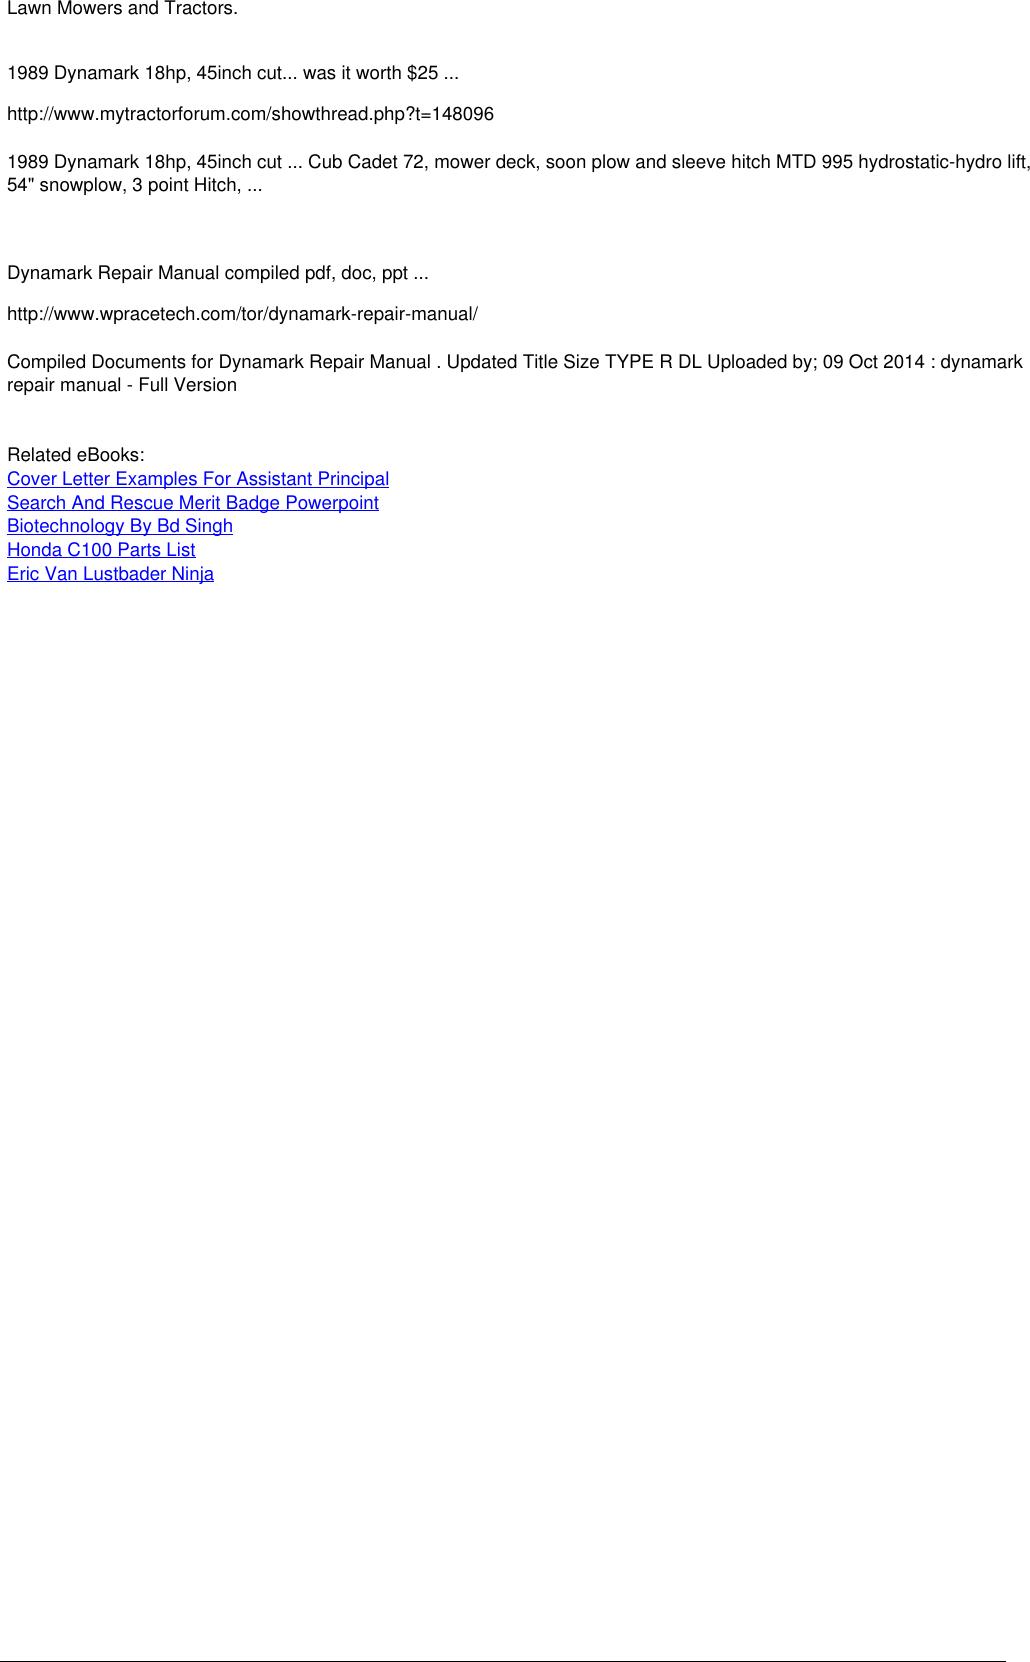 yds 3 service manual ebook